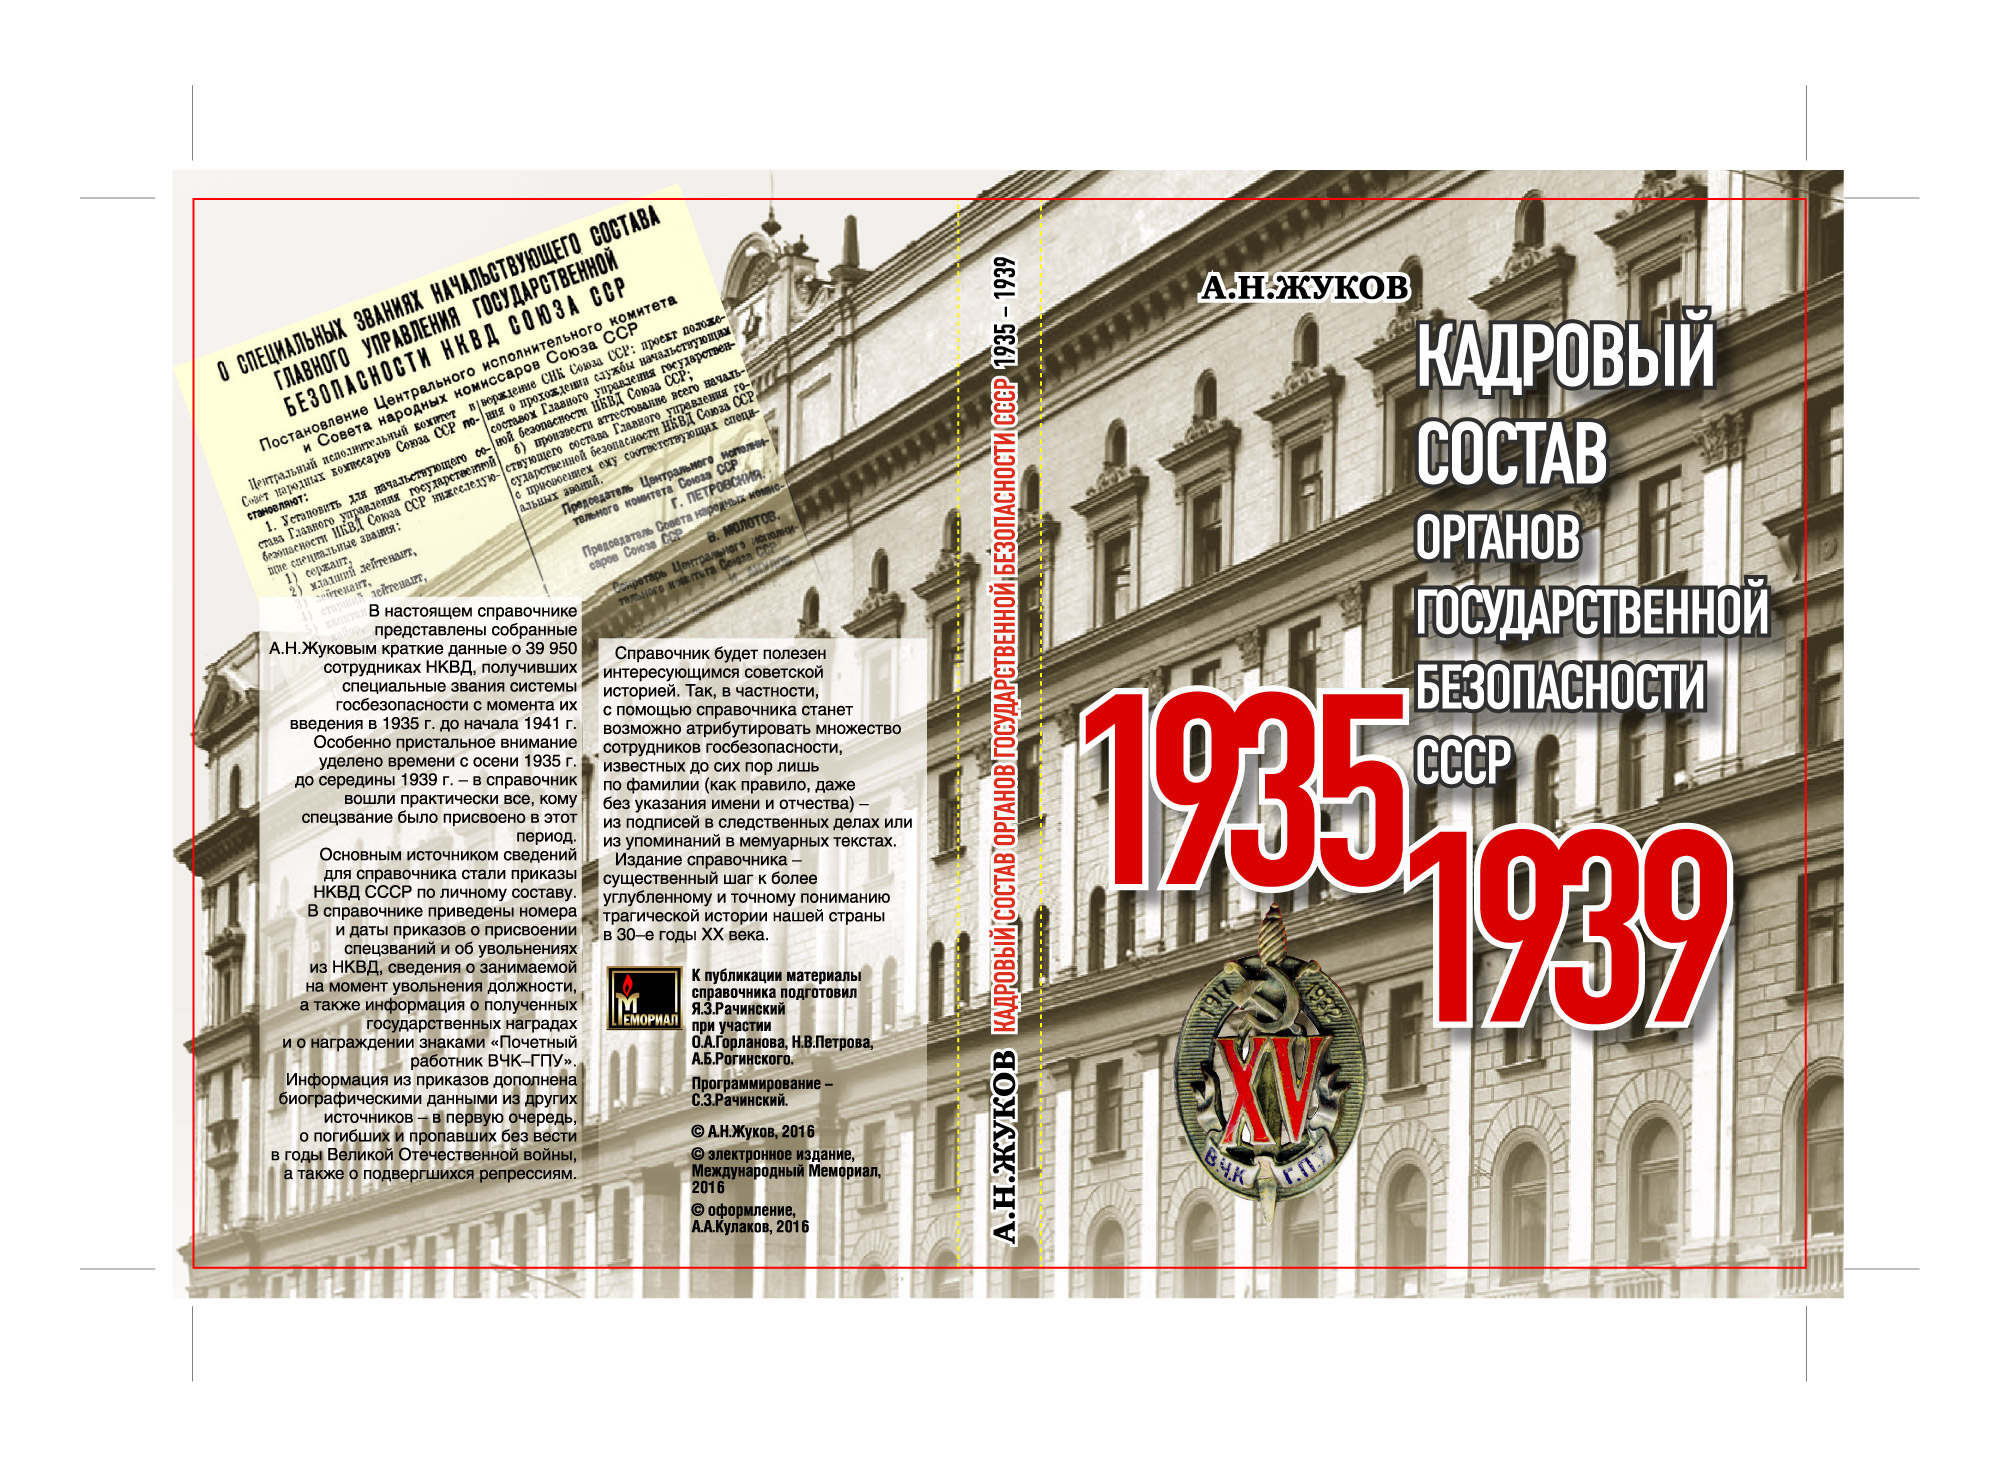 «Мемориал» открыл список сотрудников органов госбезопасности времен Сталина